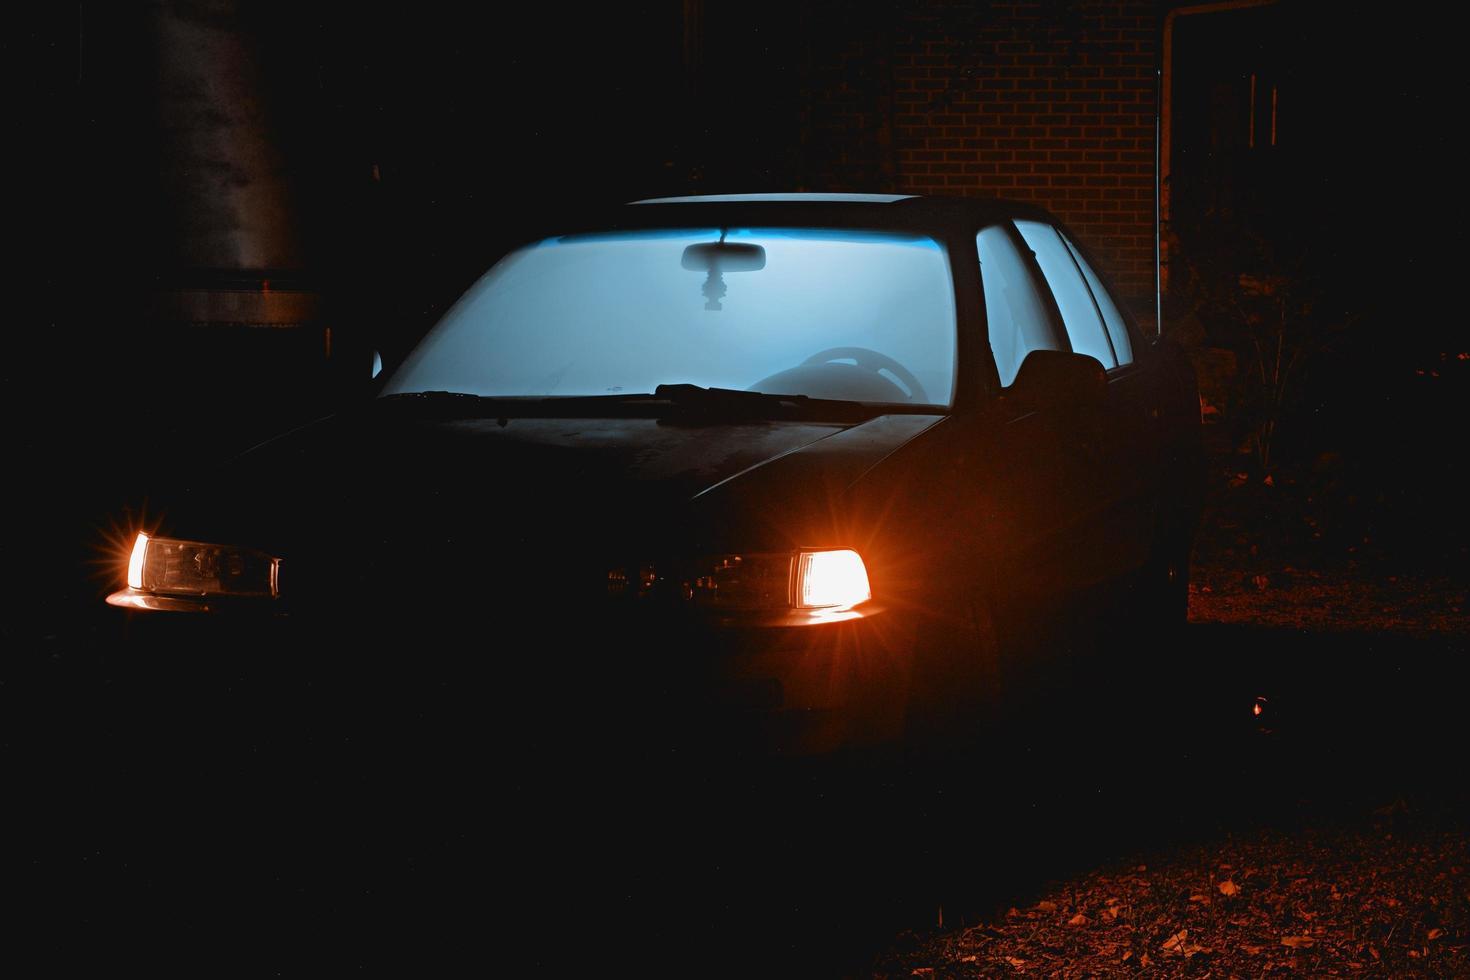 vecchia macchina con luce che splende attraverso le finestre foto